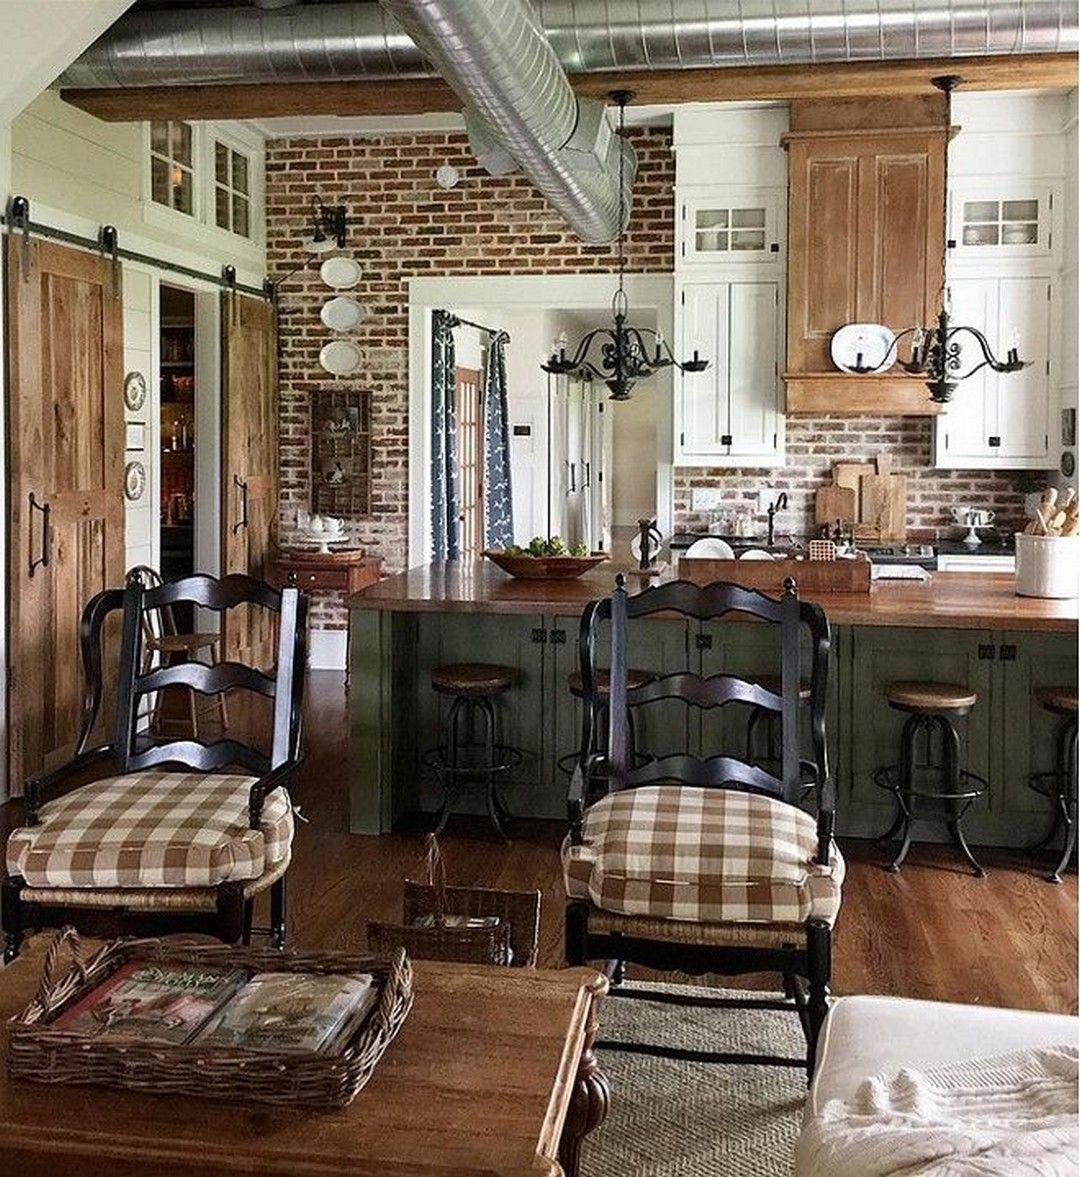 glamorous farmhouse kitchen designs | 33 Beautiful Farmhouse Kitchen Decor Ideas | Kitchen ...